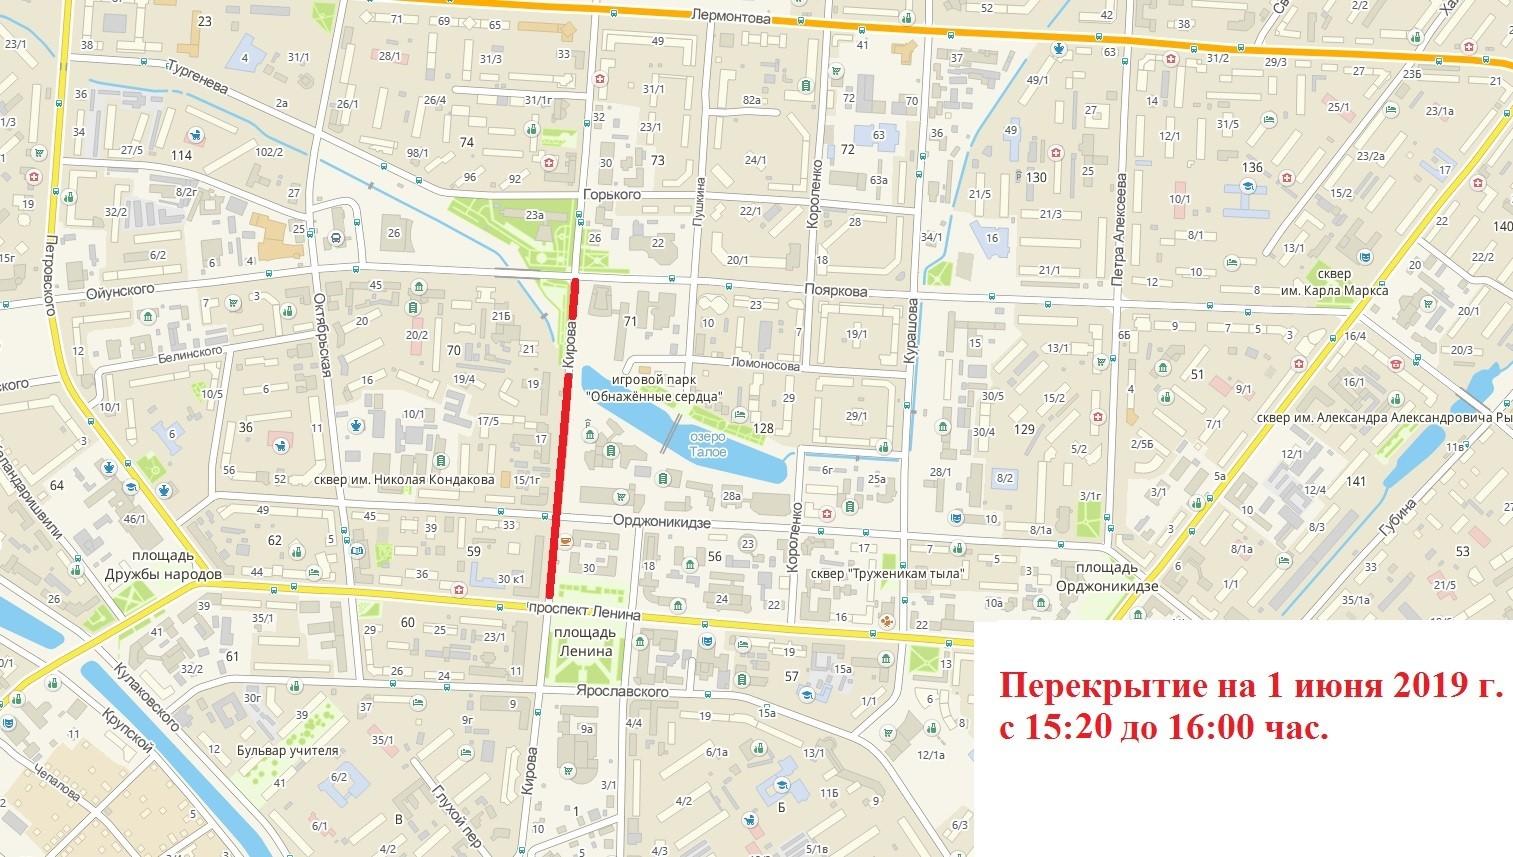 О перекрытии улиц 1 июня во время фестиваля «Фанфары земли Олонхо». Схемы объезда автобусов